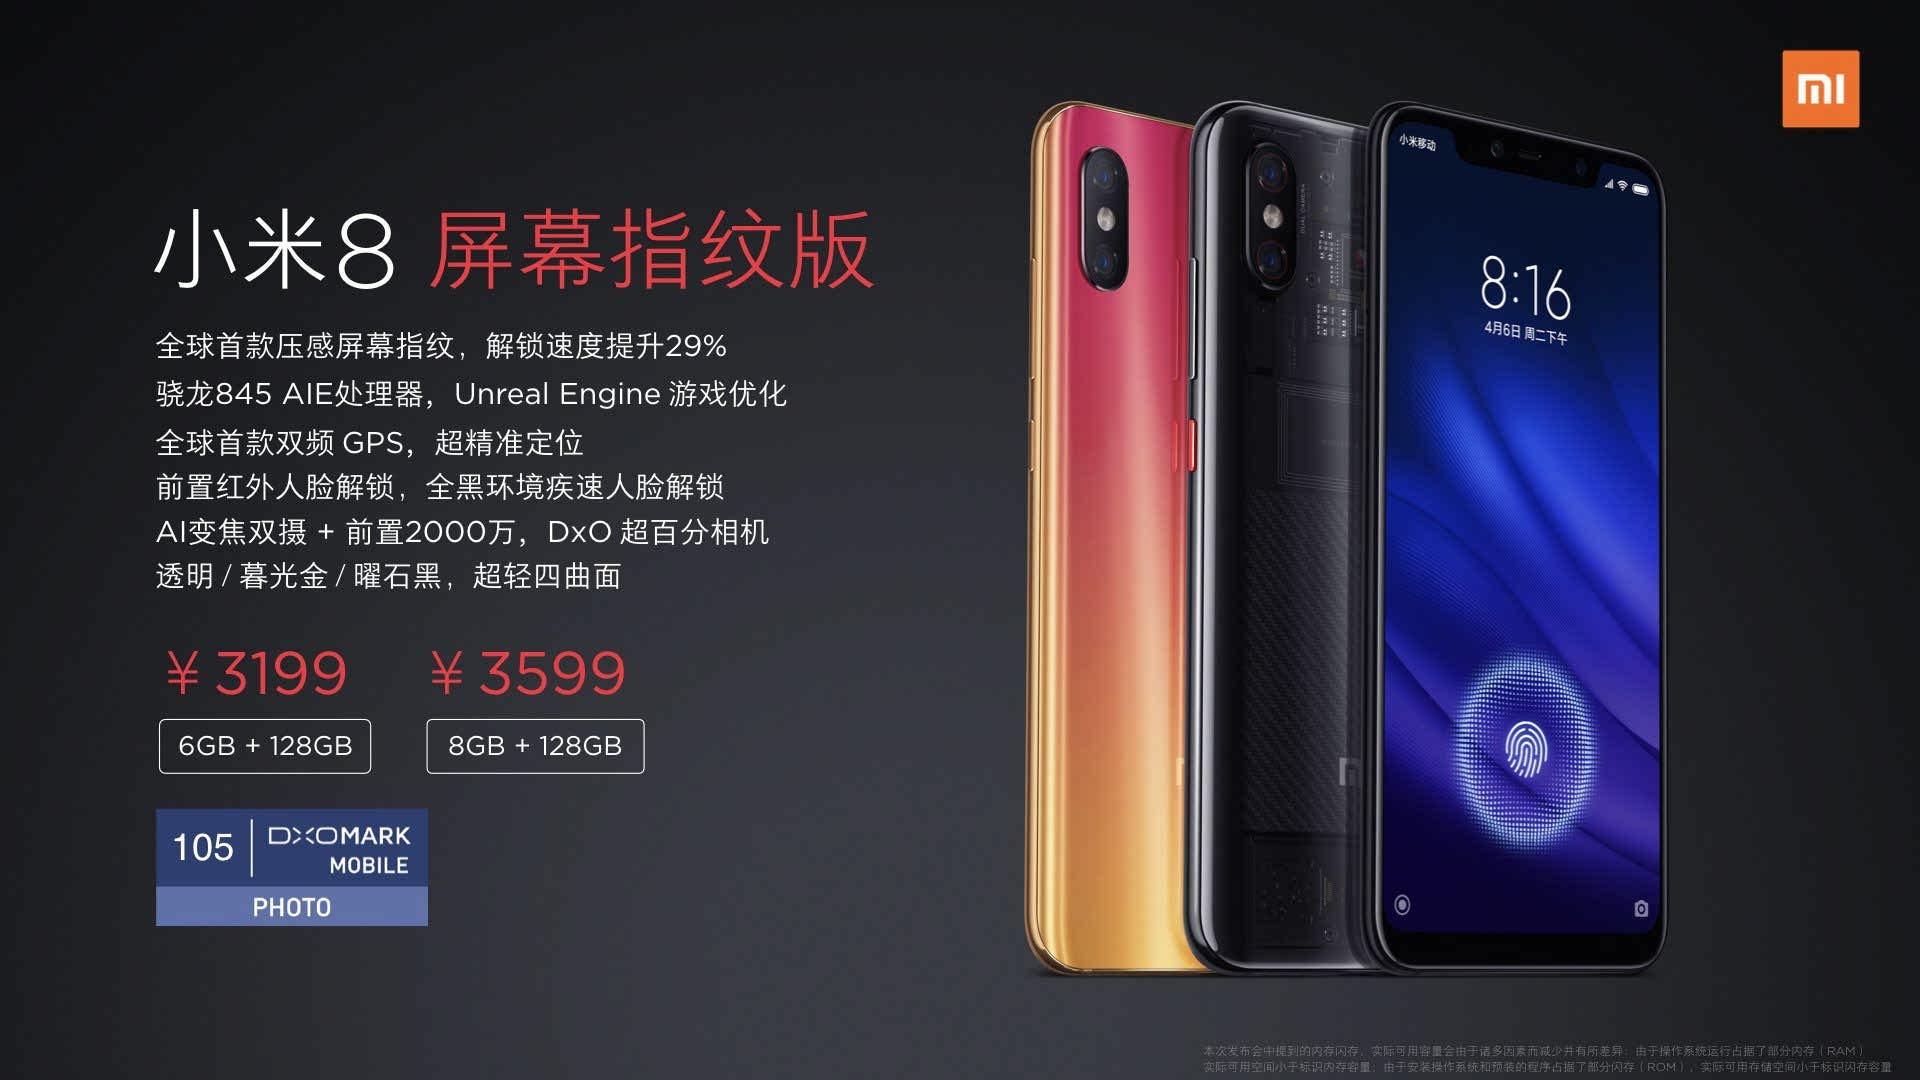 شیائومی می 8 پرو (Xiaomi Mi 8 Pro)